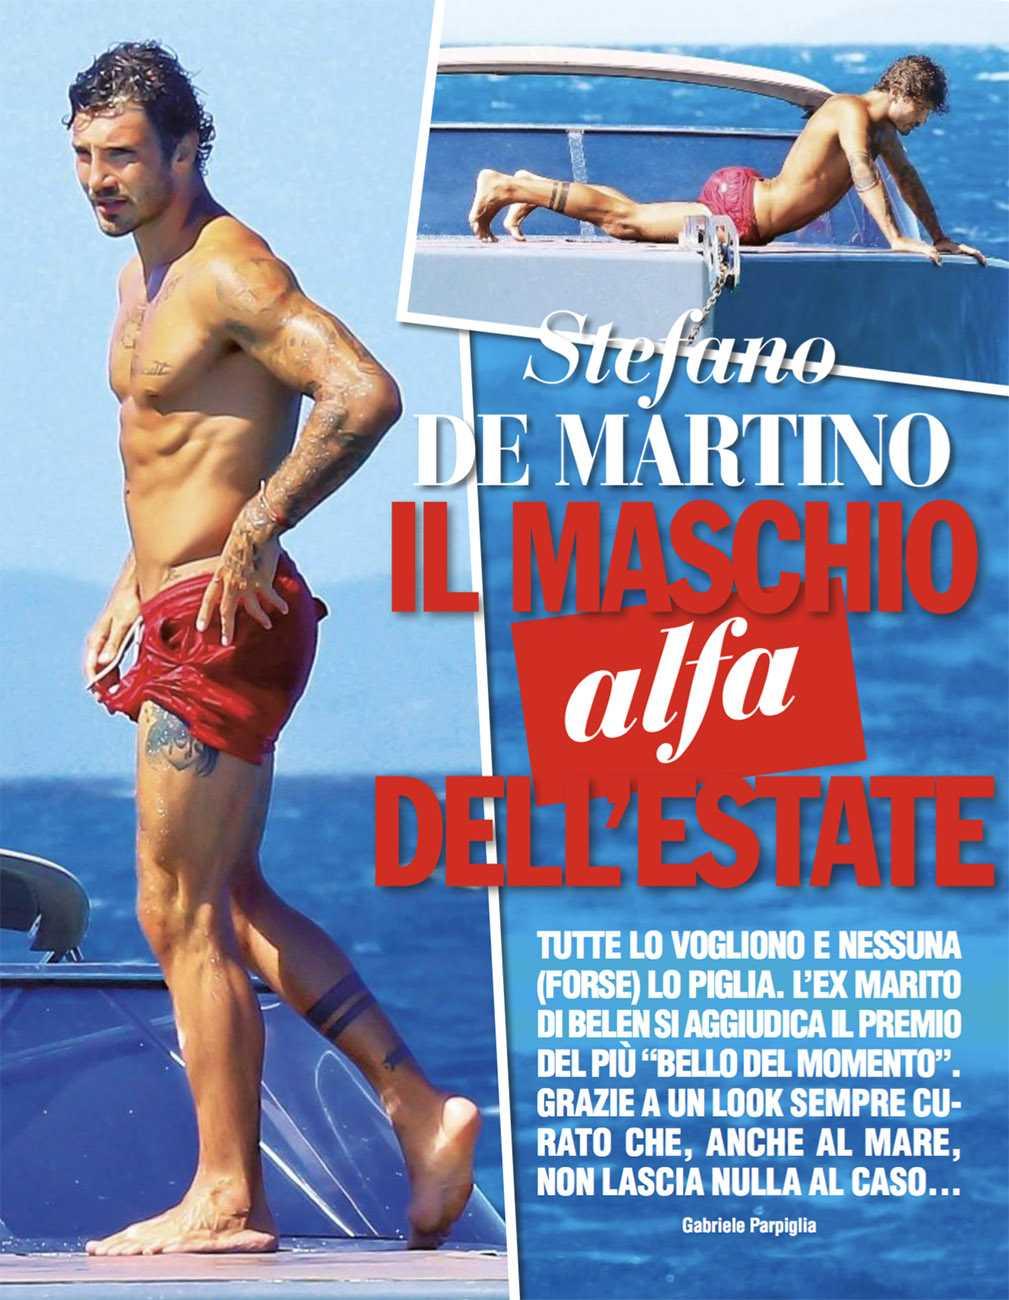 Stefano De Marino in costume è un vero… I nuovi scatti